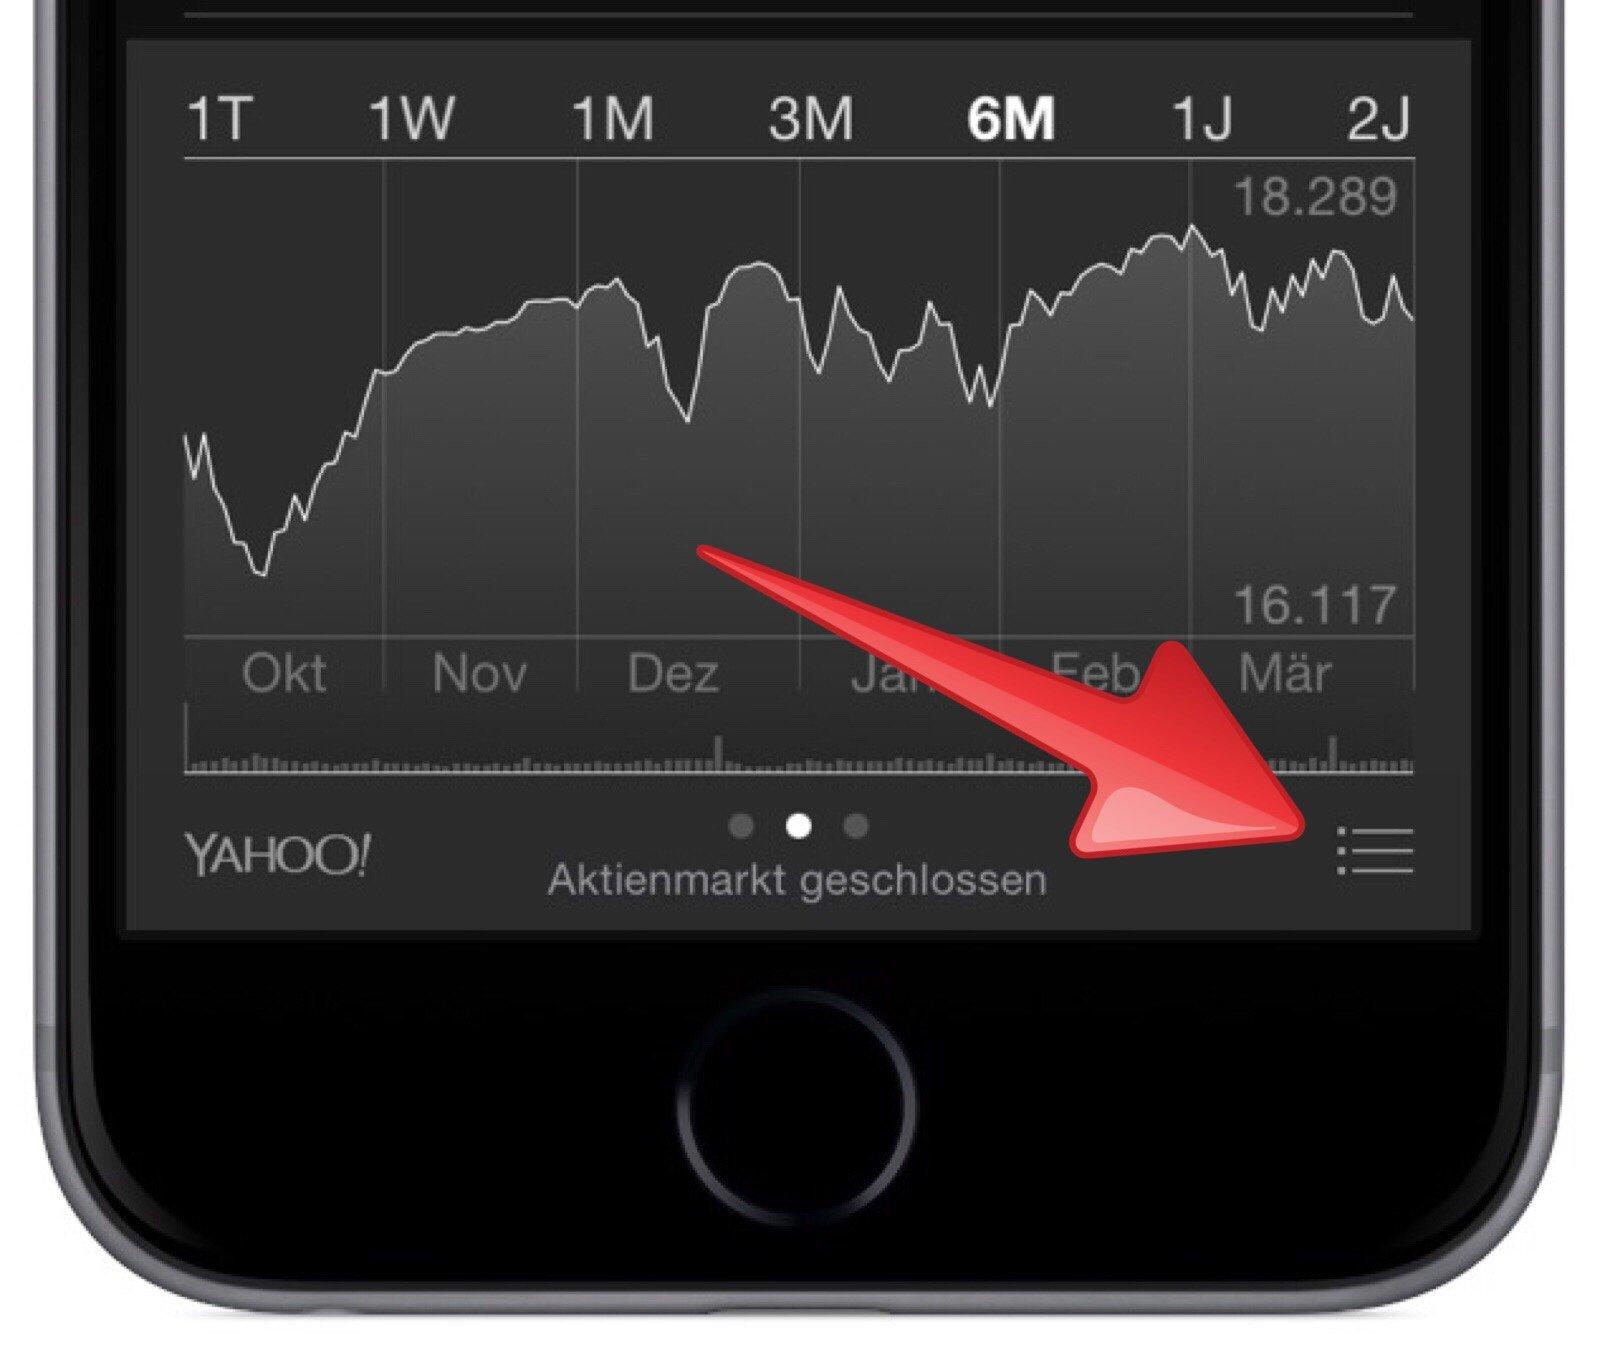 iPhone-Geldtausch-Aktien-App-Geldumtausch-Umtausch-tauschen-umrechnen-Währung-Währungskurs-2.jpg